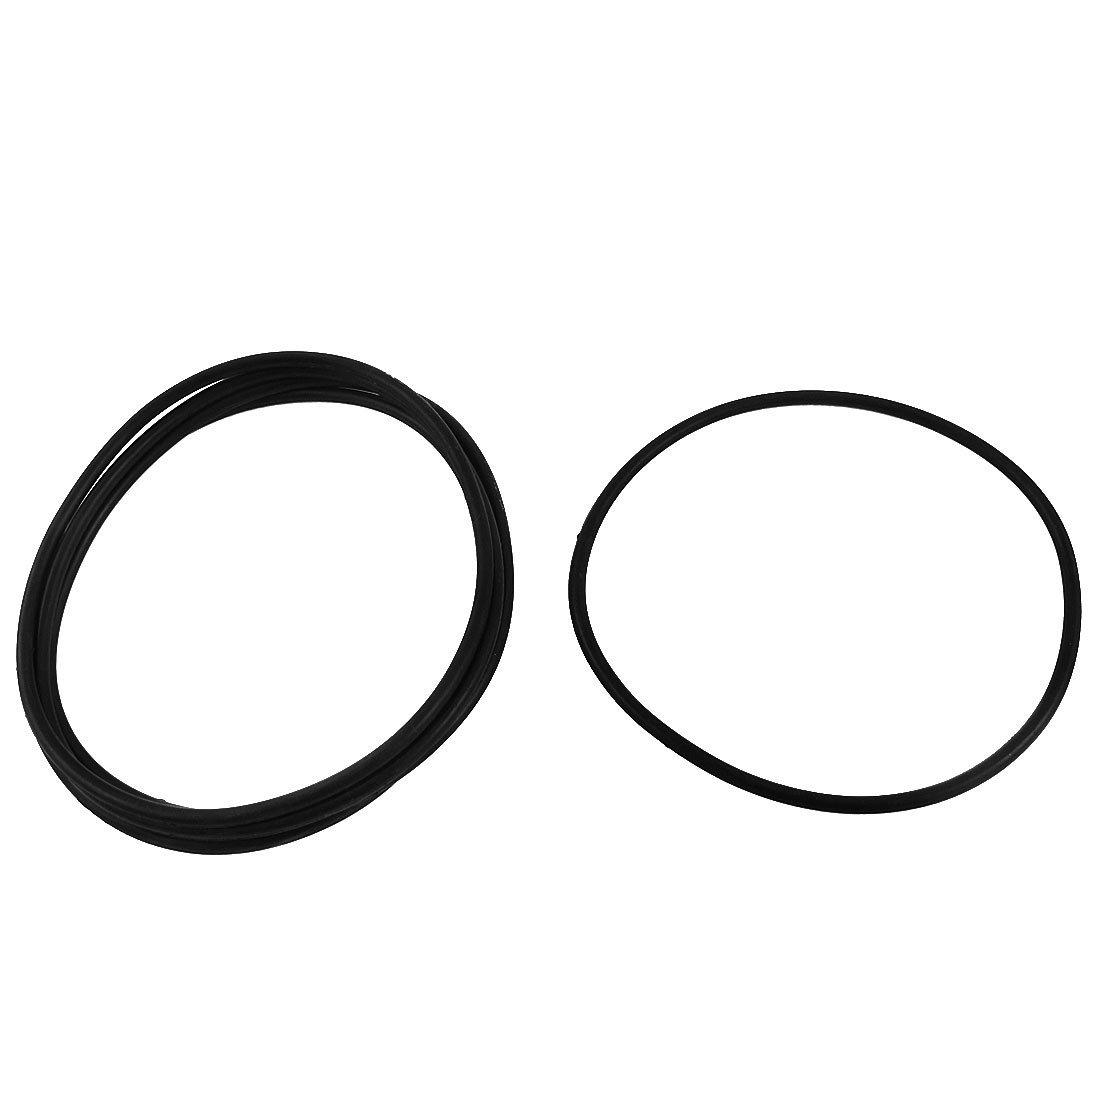 5 piezas de reemplazo de goma JUNTA DE SELLADO O Anillo de cierre 105x98x3.5mm DealMux DLM-B00XP53YN2